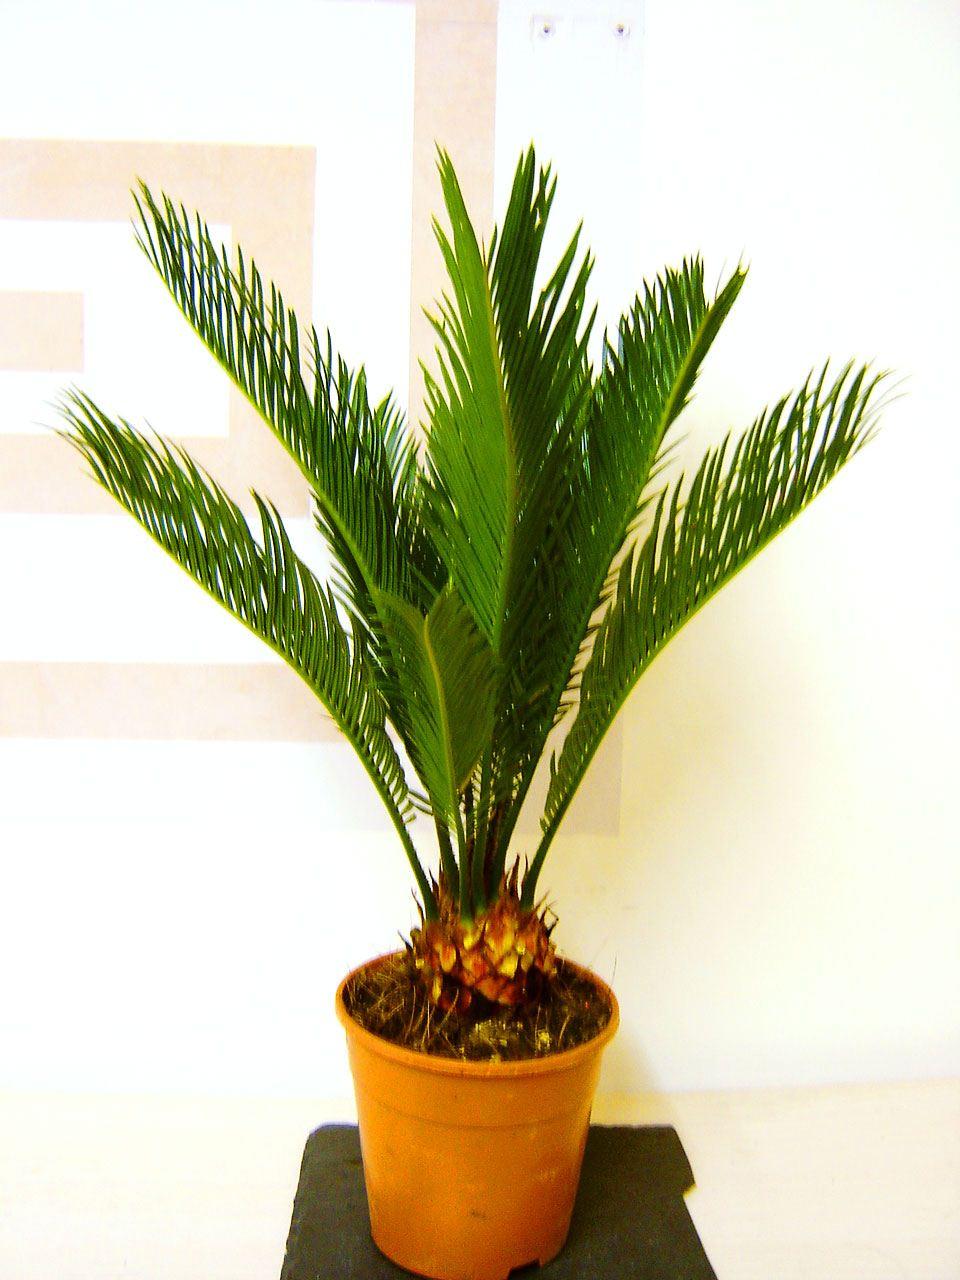 1 Evergreen King Sago Palm Cycas Revoluta In Pot Indoor